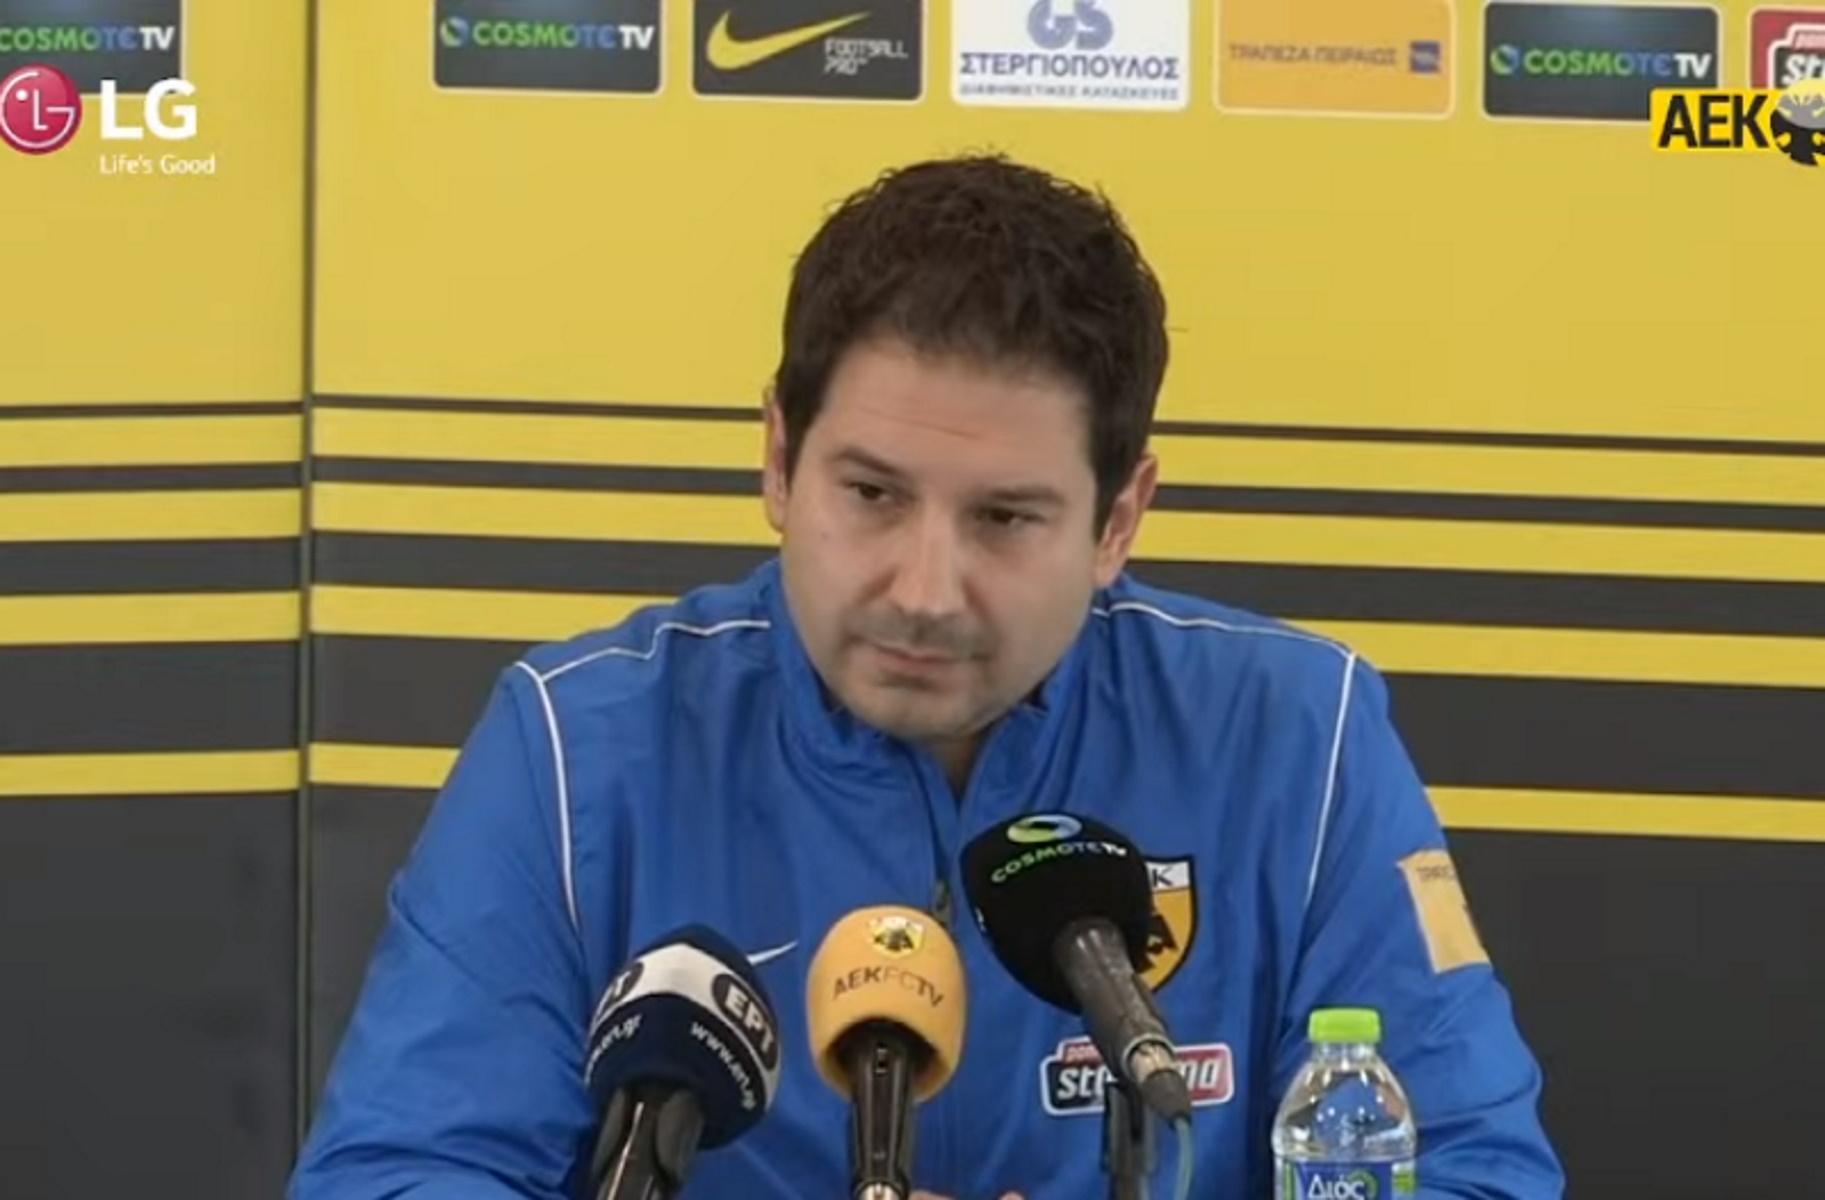 ΑΕΚ – Αργύρης Γιαννίκης: Η παρουσίαση του νέου προπονητή της Ένωσης